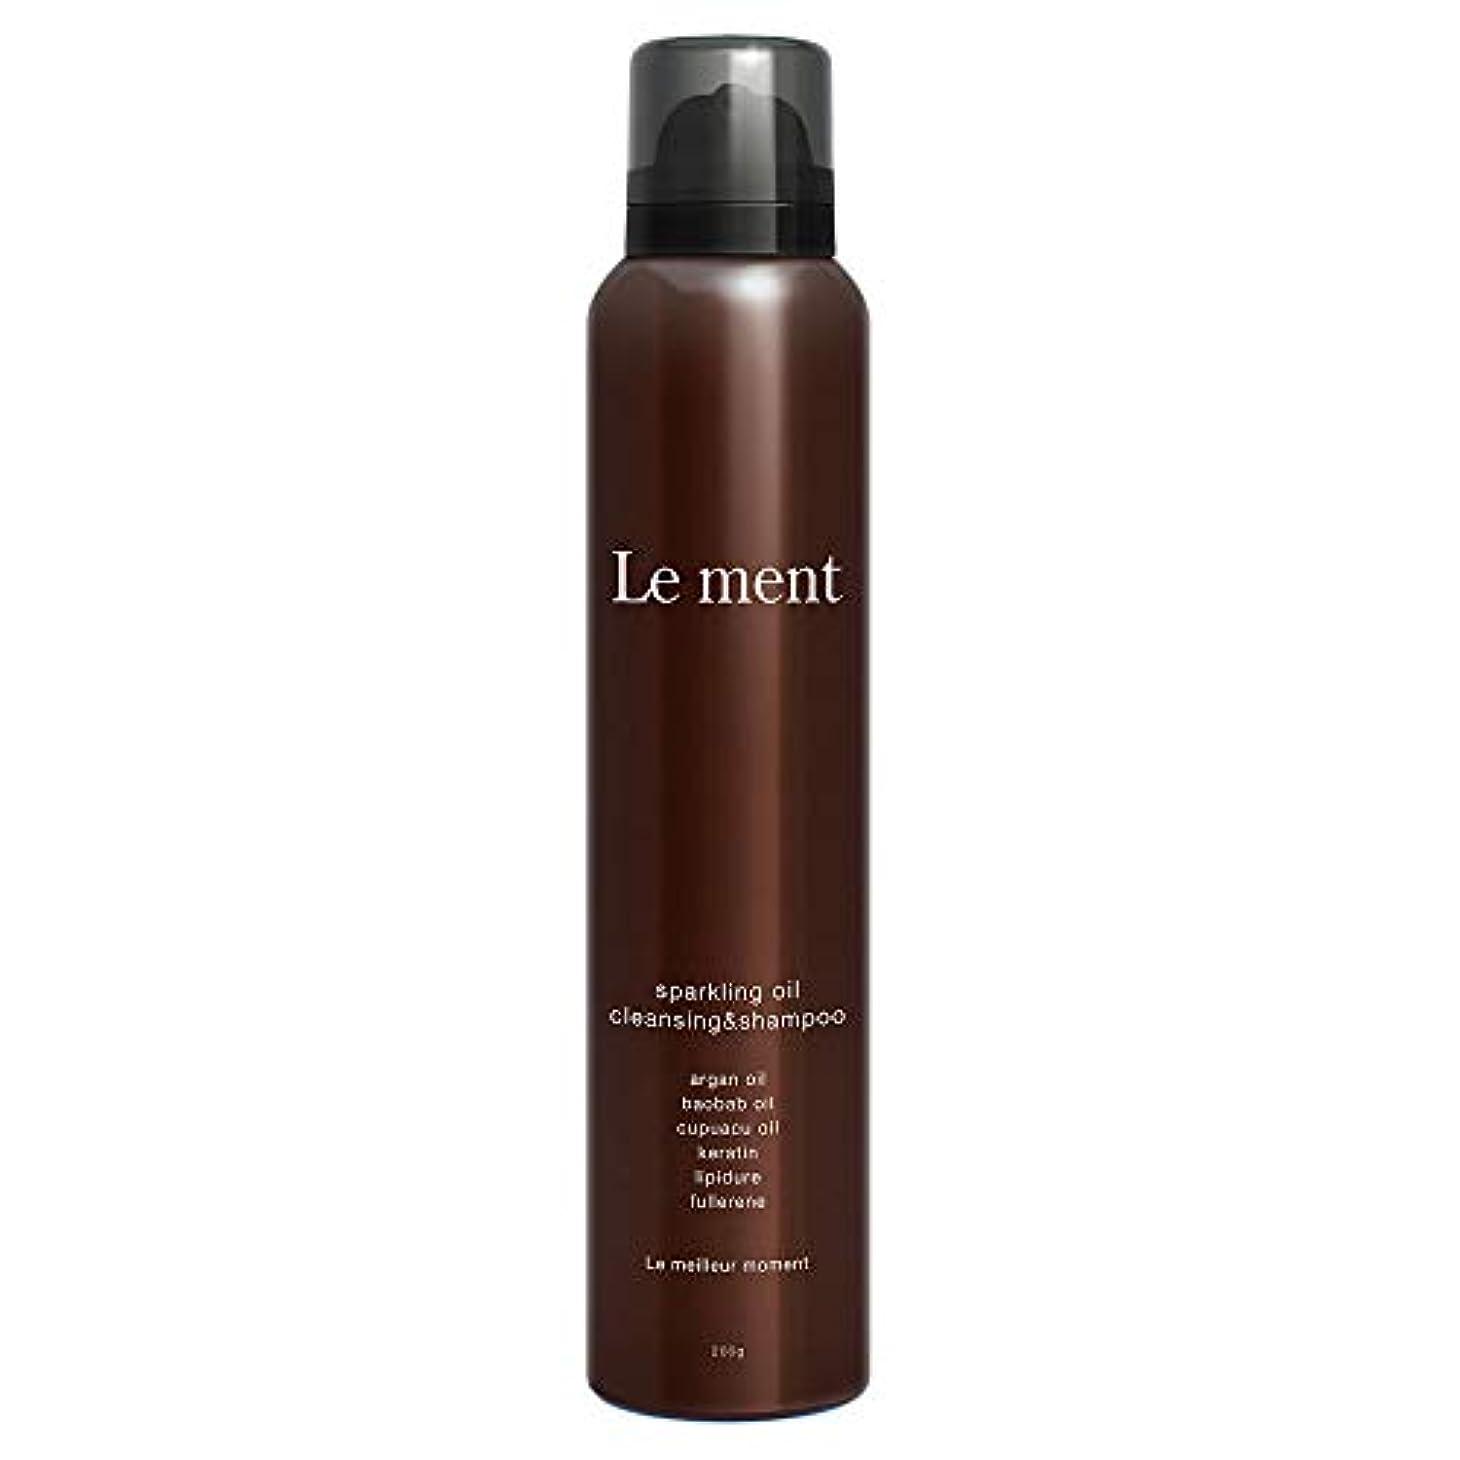 型さらにビルダーLe ment -sparkling oil cleansing & shampoo -